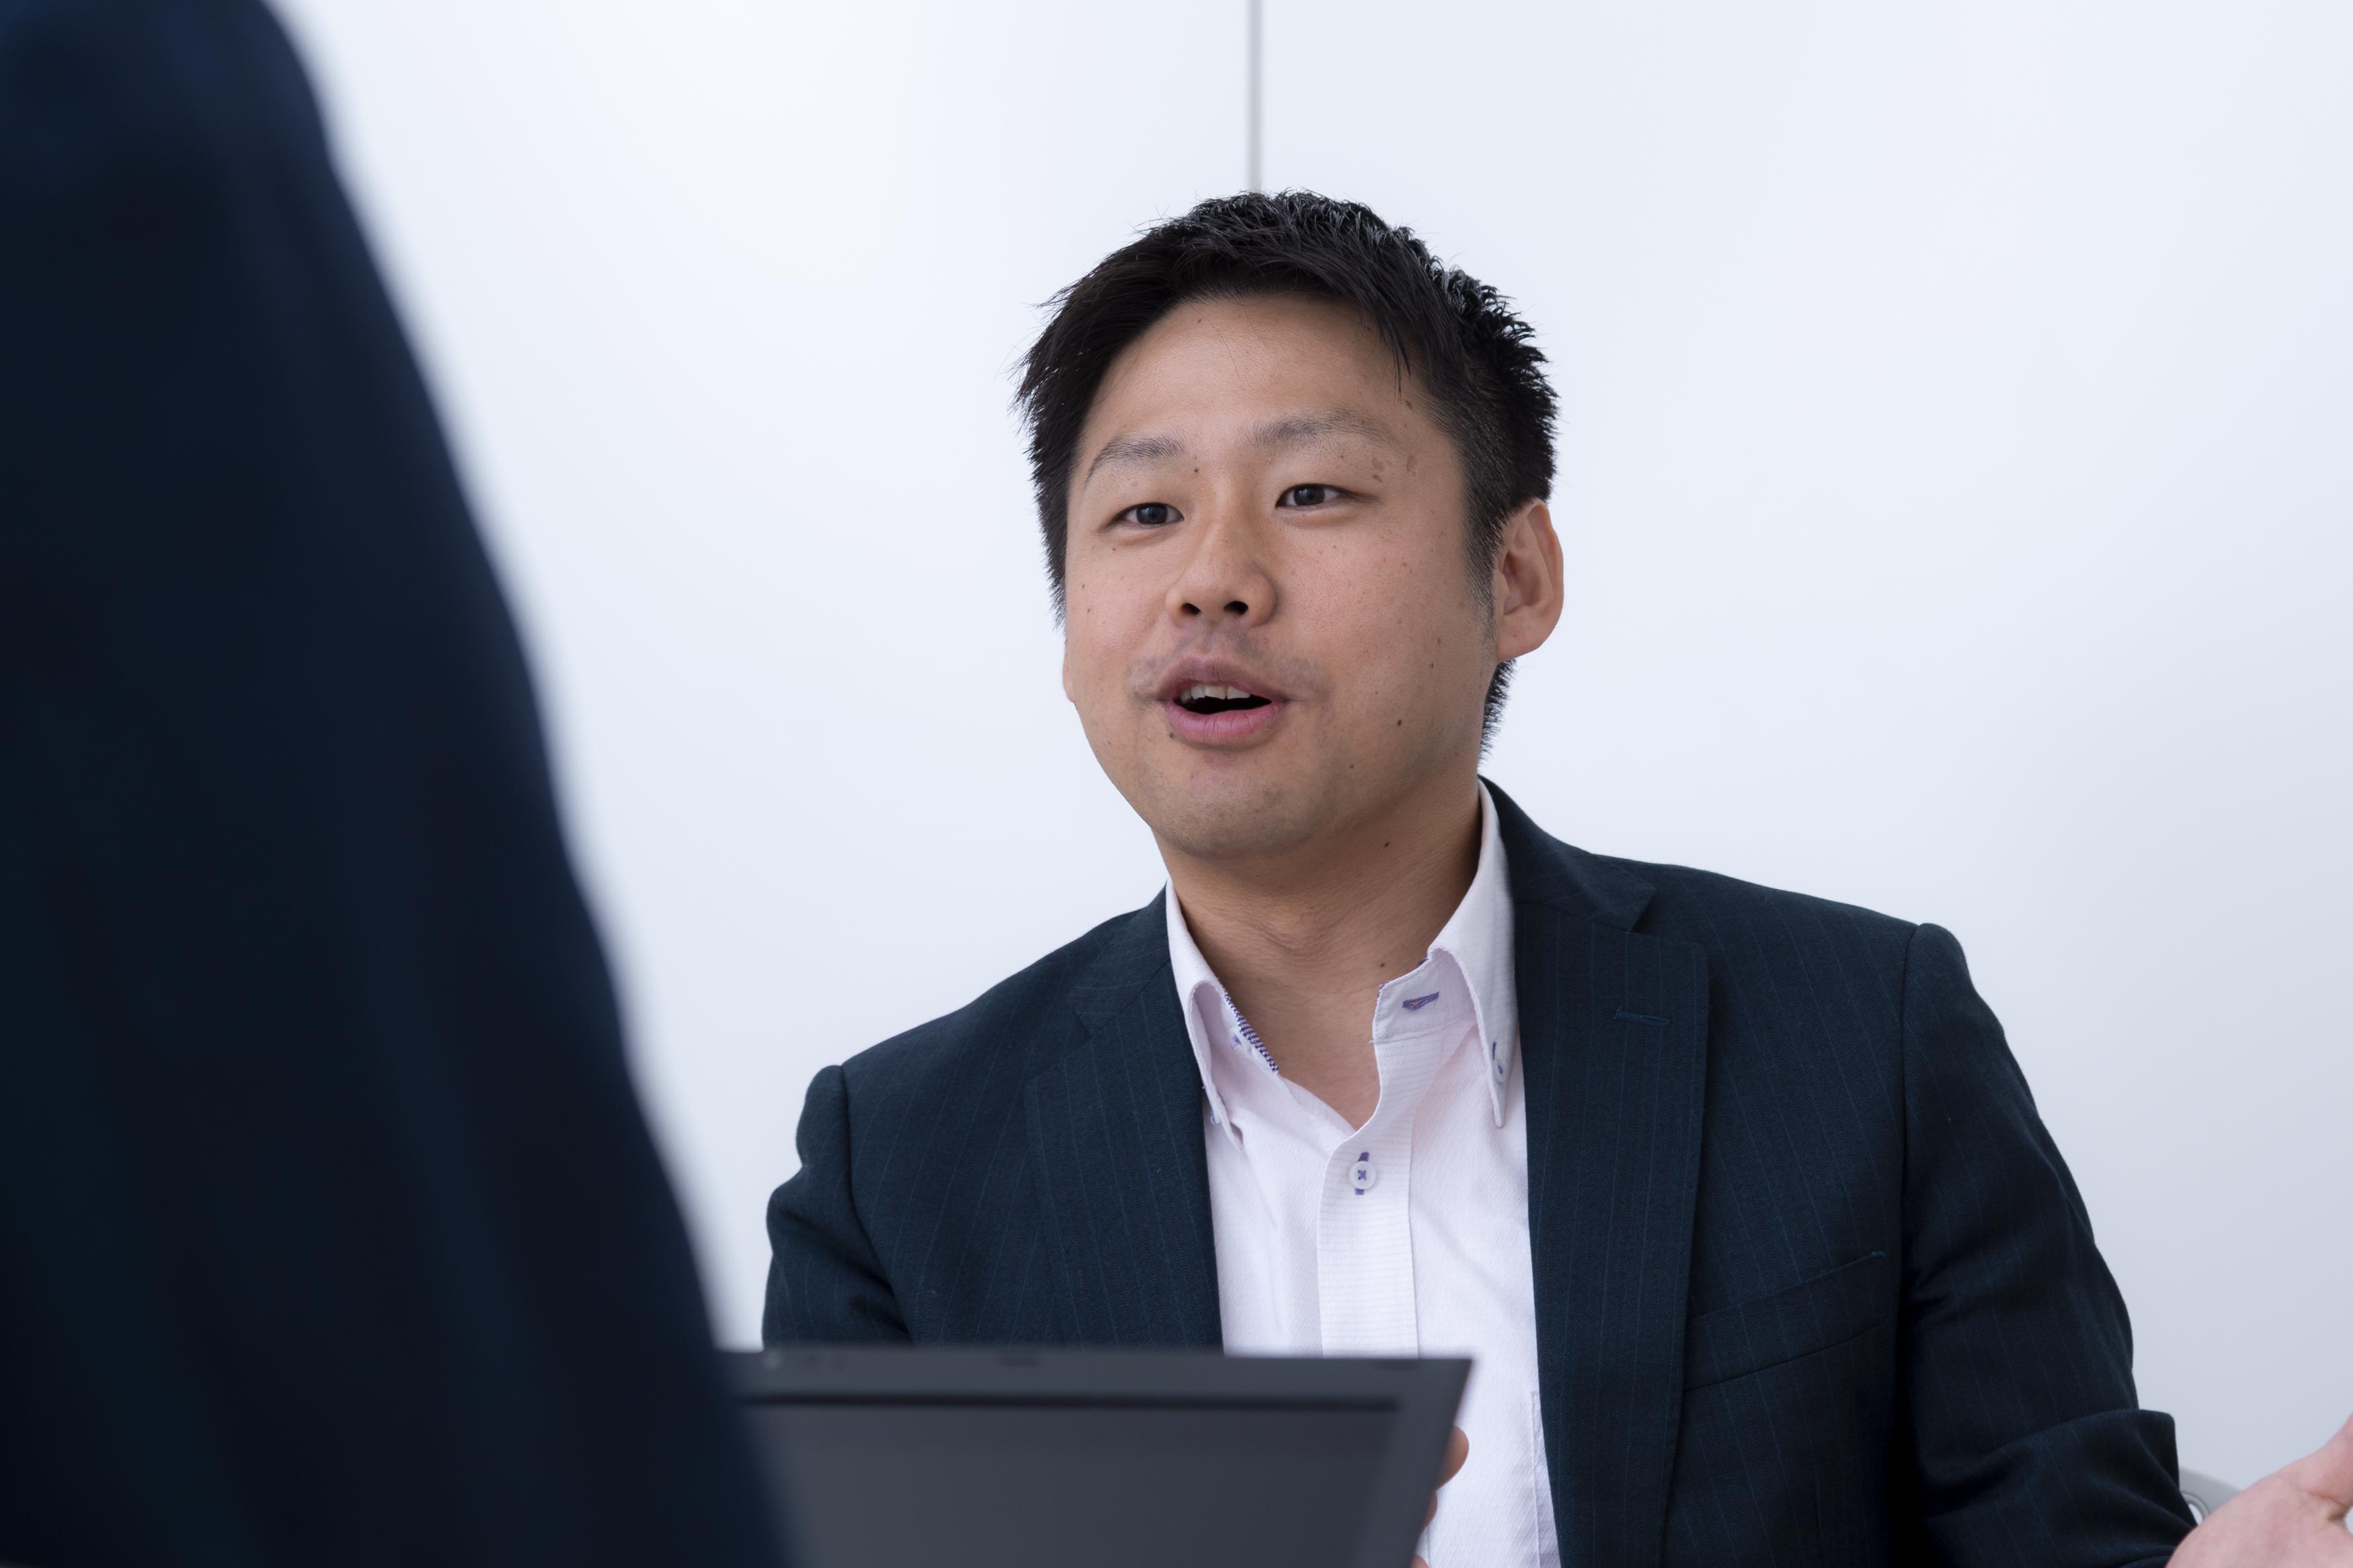 株式会社マイナビ 教育研修事業部 開発部部長/HR Trend Lab 所長 土屋 裕介氏